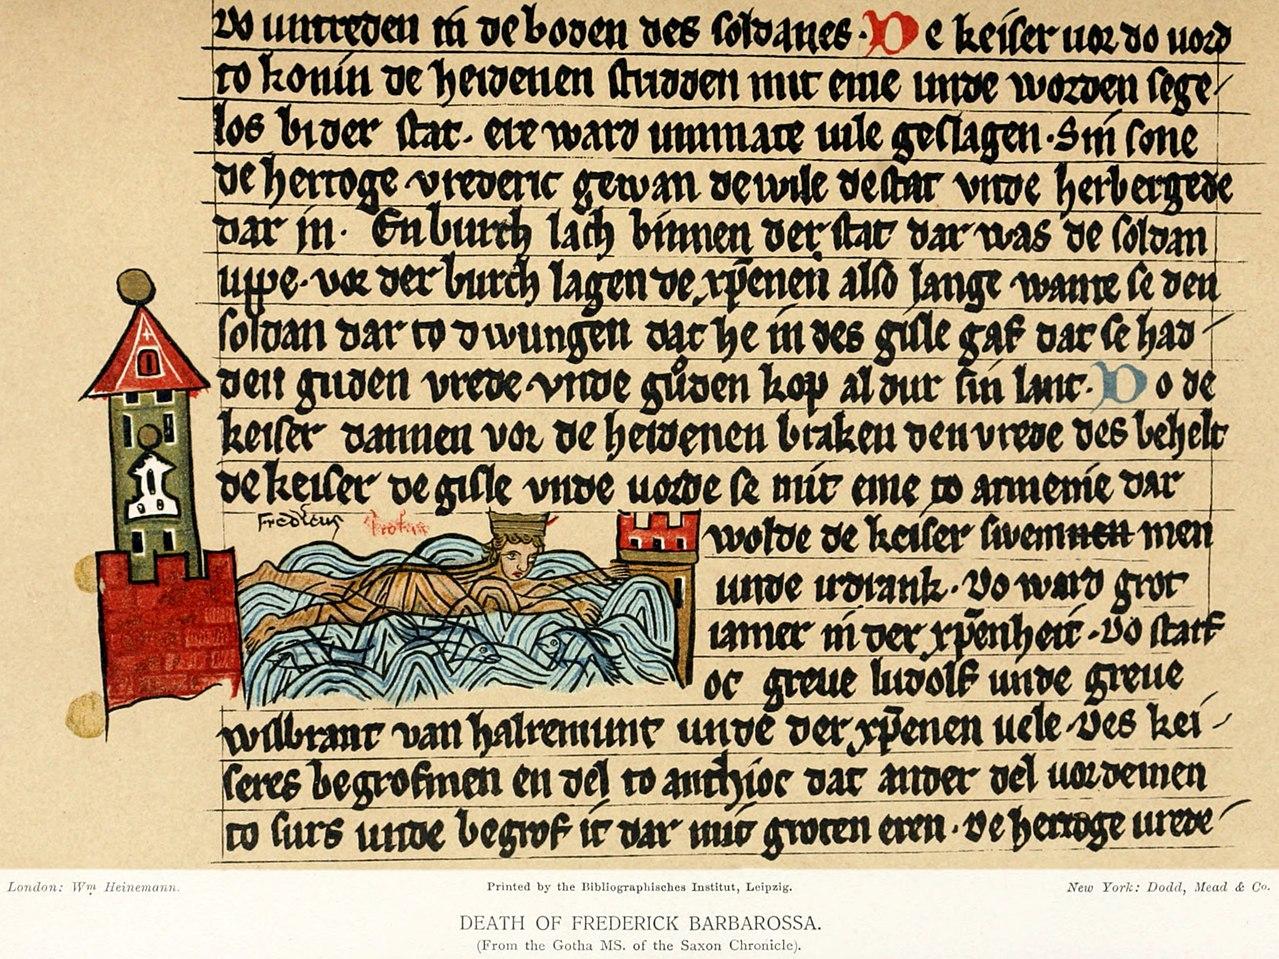 نگارهٔ گوتیک از صحنه غرق امپراتور مقدس روم